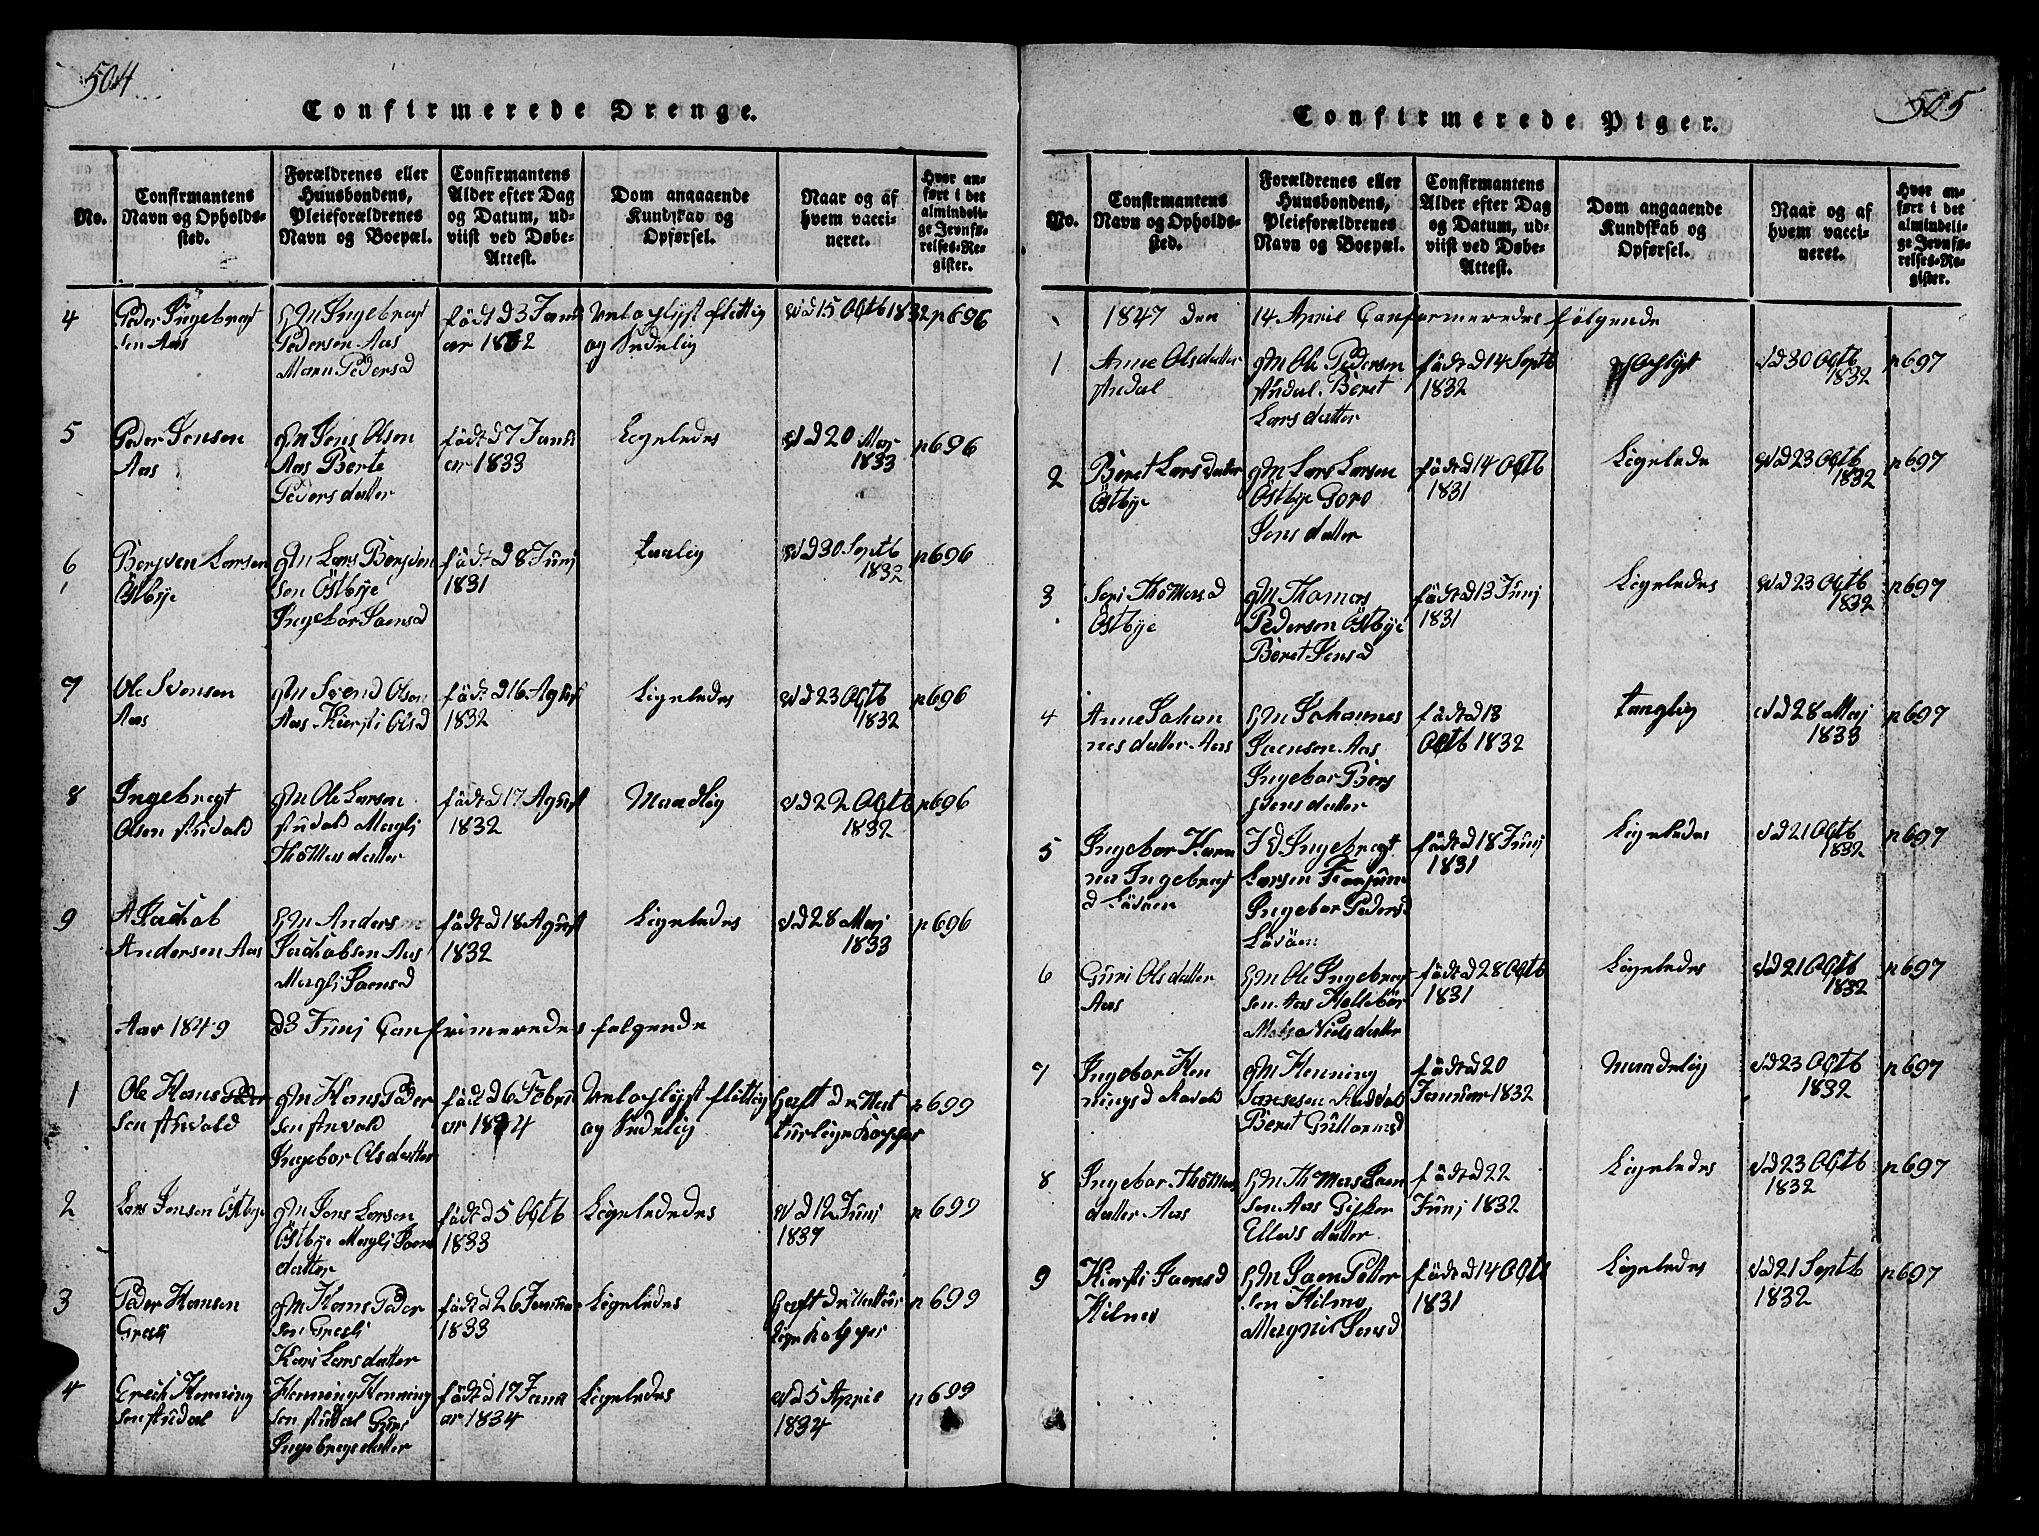 SAT, Ministerialprotokoller, klokkerbøker og fødselsregistre - Sør-Trøndelag, 698/L1164: Klokkerbok nr. 698C01, 1816-1861, s. 504-505